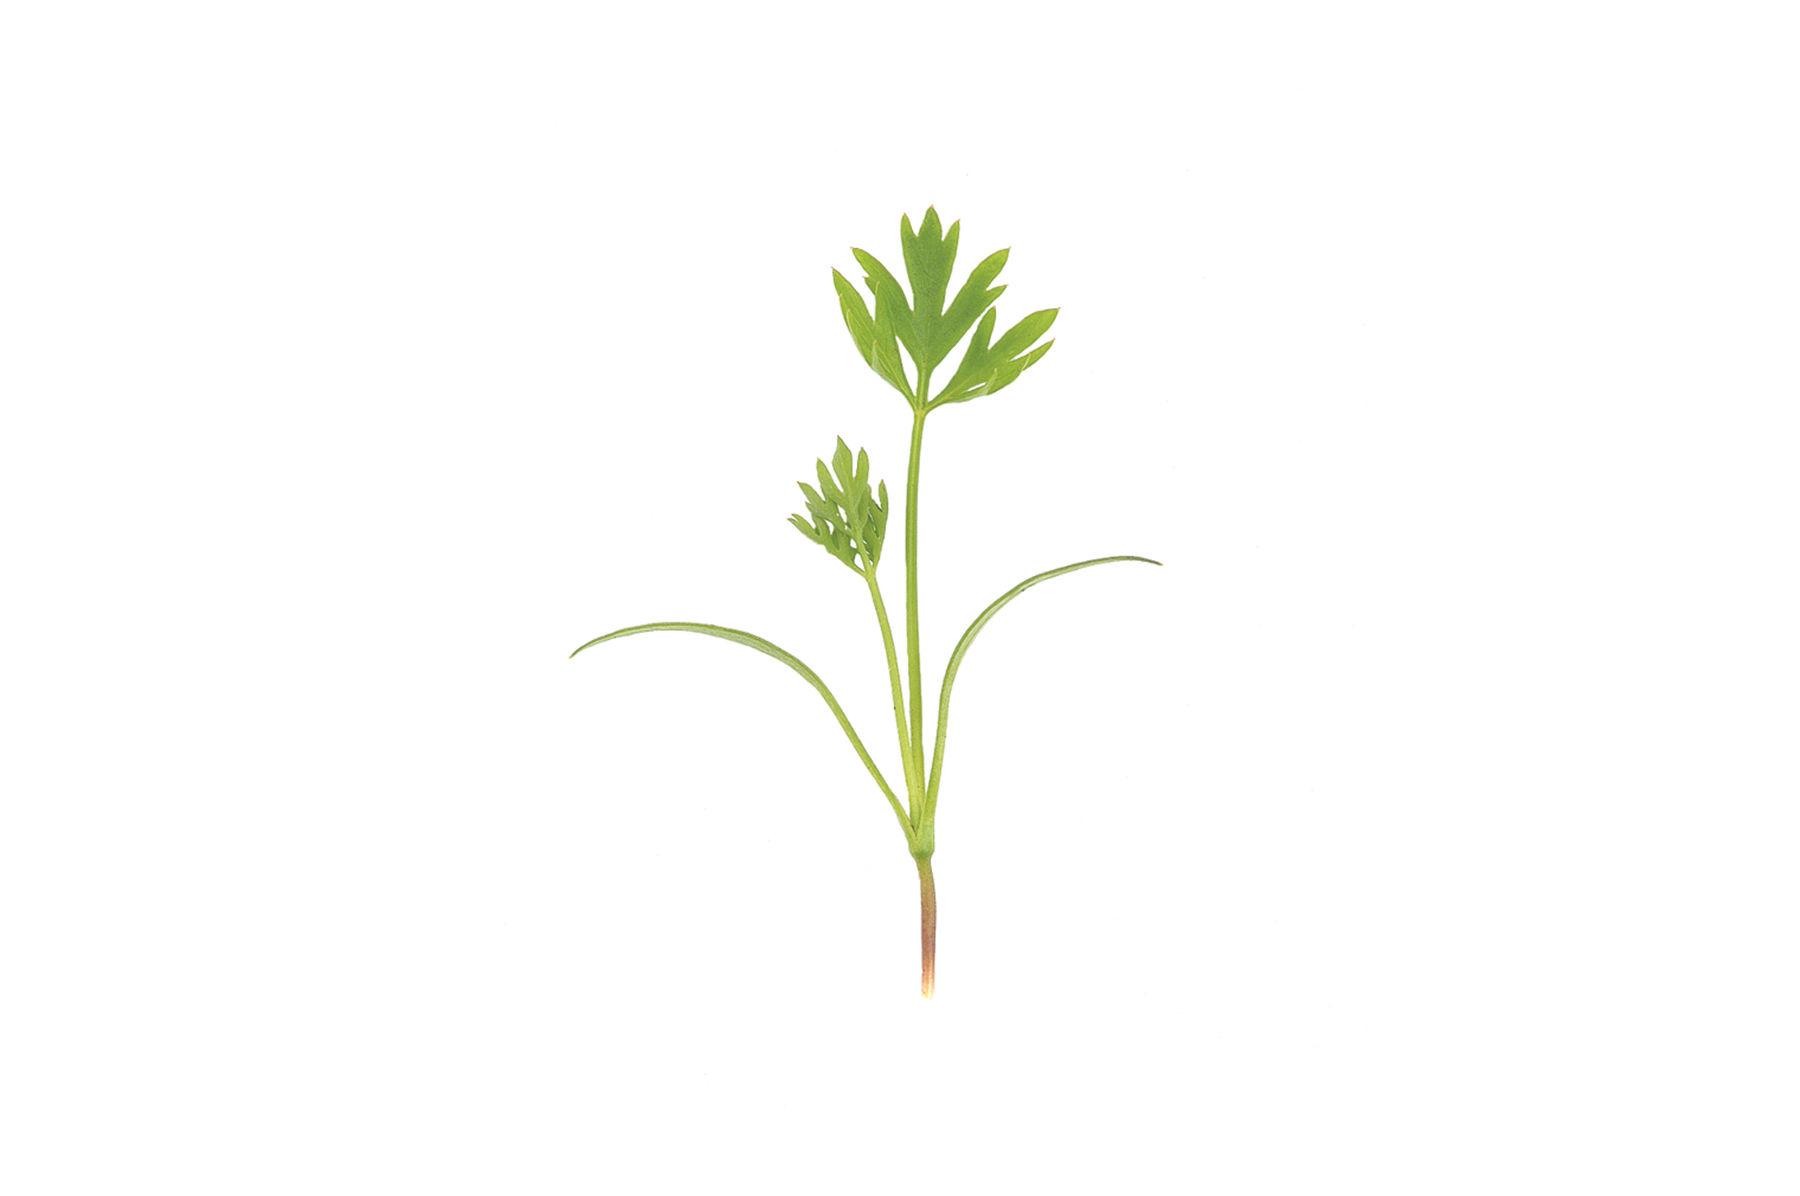 Carrot Top.jpg